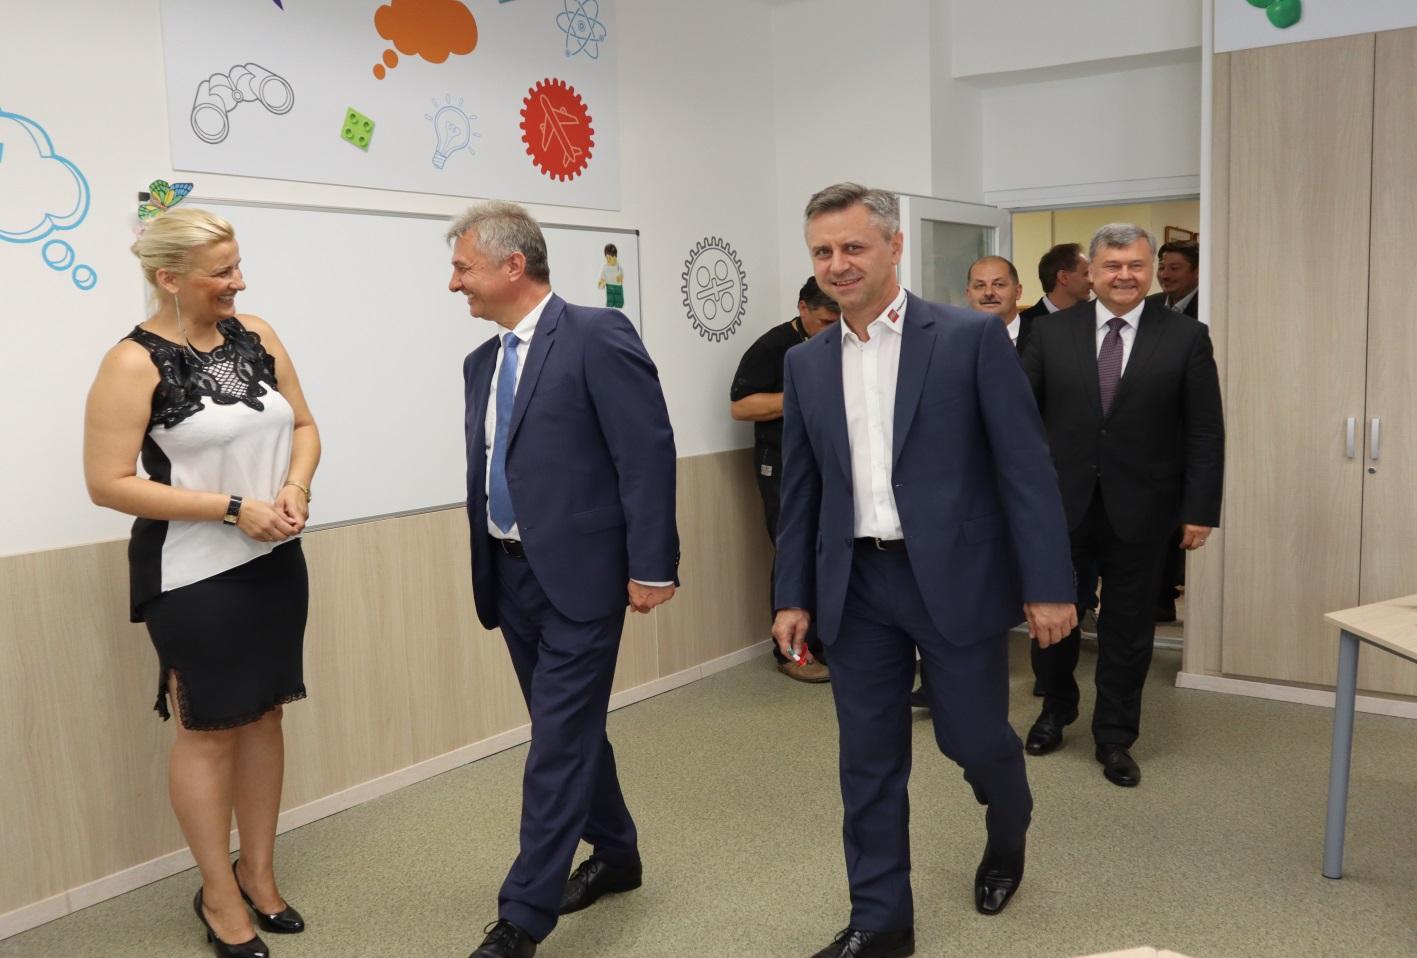 Dr. Vinnai Győzőt, Tóth Csabát és Szabó Istvánt üdvözli Dr. Juhászné Molnár Tünde